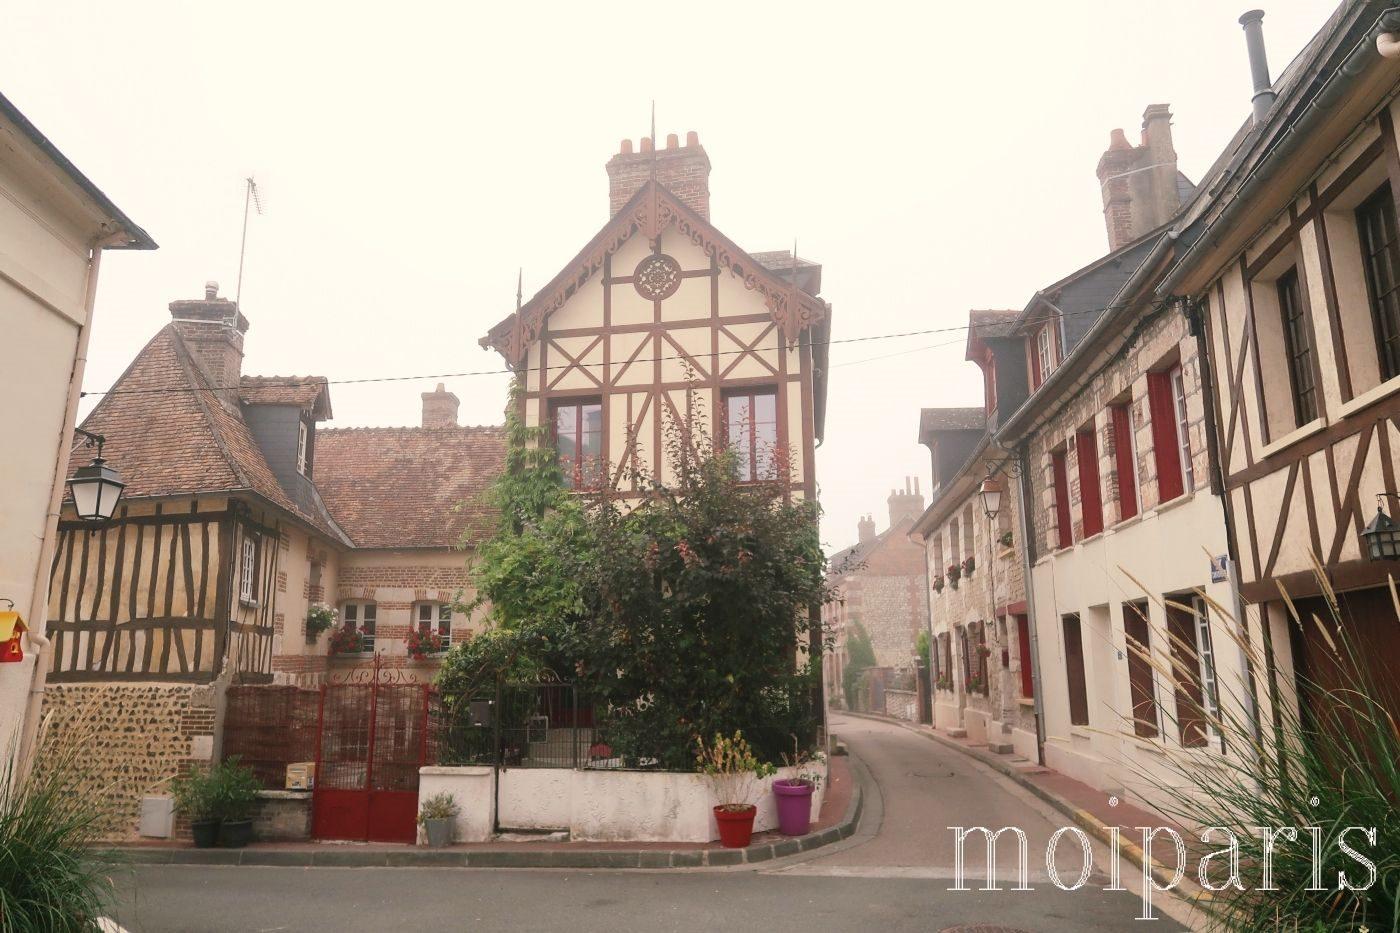 モンサンミッシェル旅行、ラ・ブイユ村、到着。